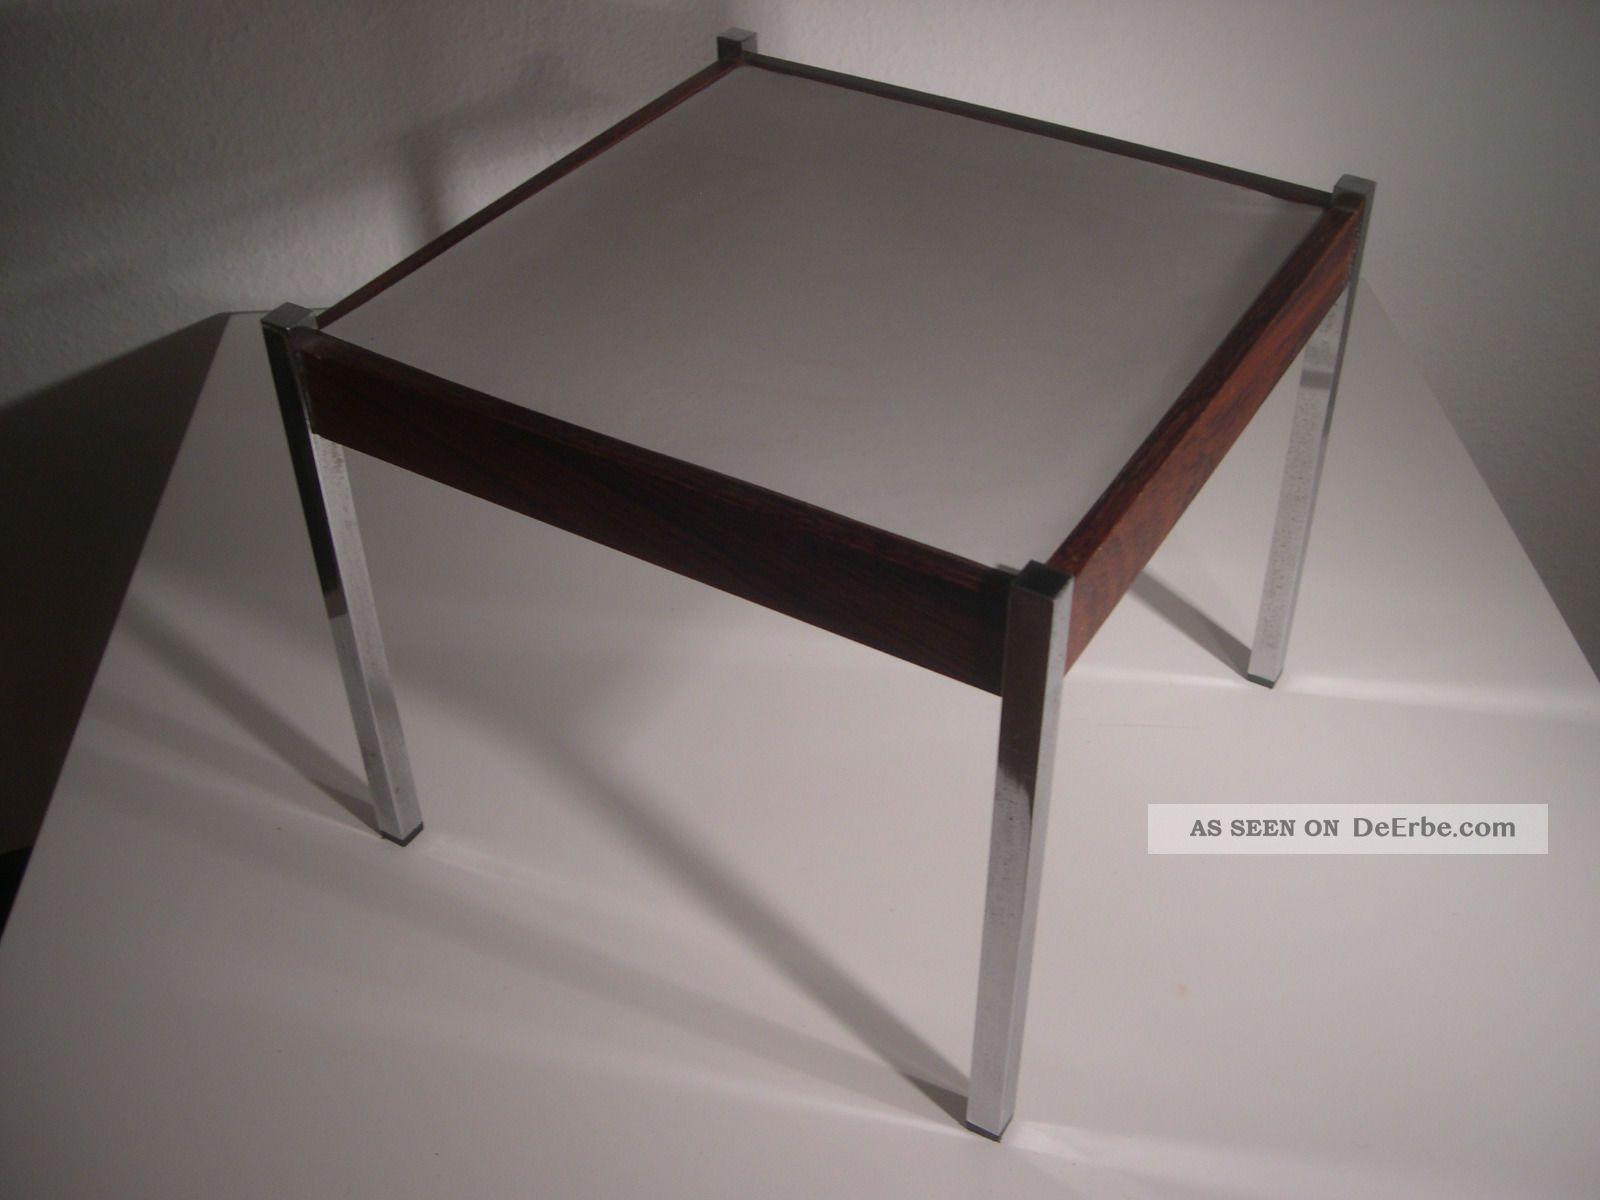 60er 70er jahre tisch panton eames space age ra for Design tisch 70er